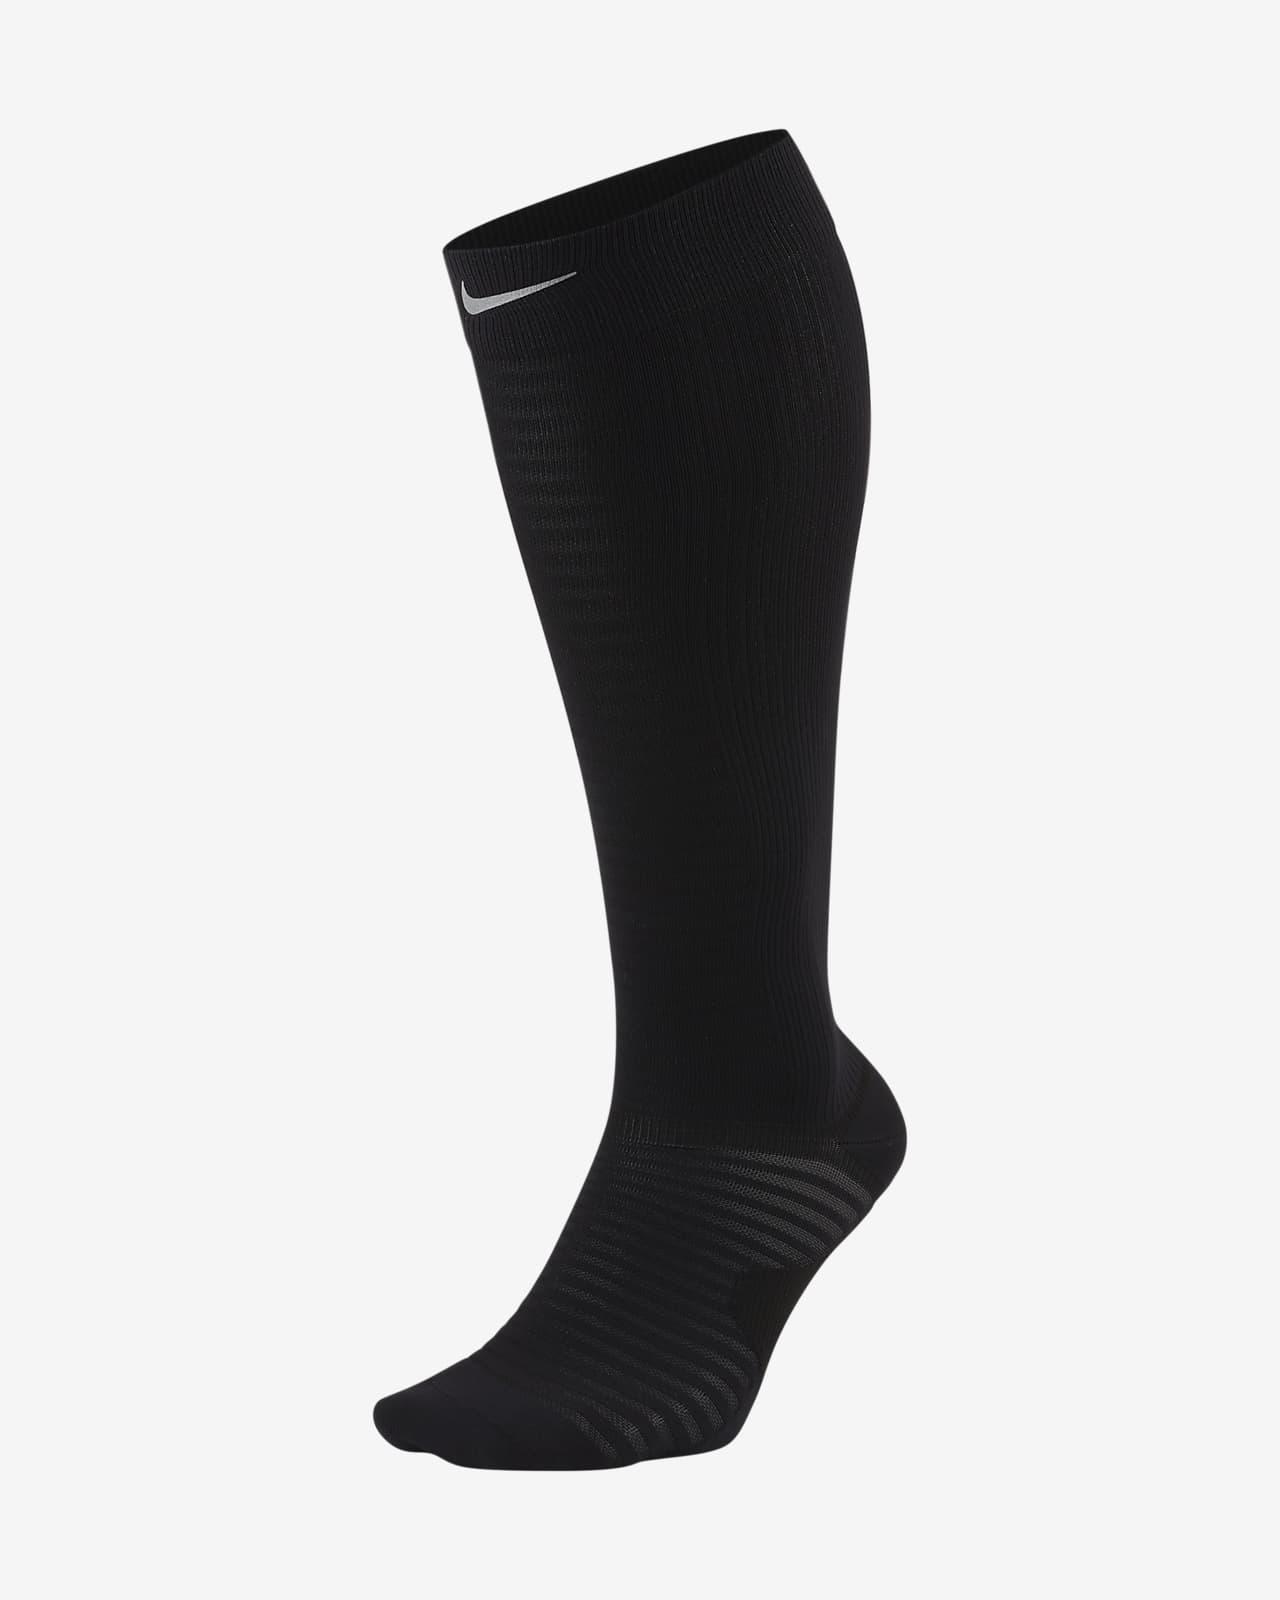 Nike Spark Lightweight Hardloopsokken tot over de kuit met compressiepasvorm